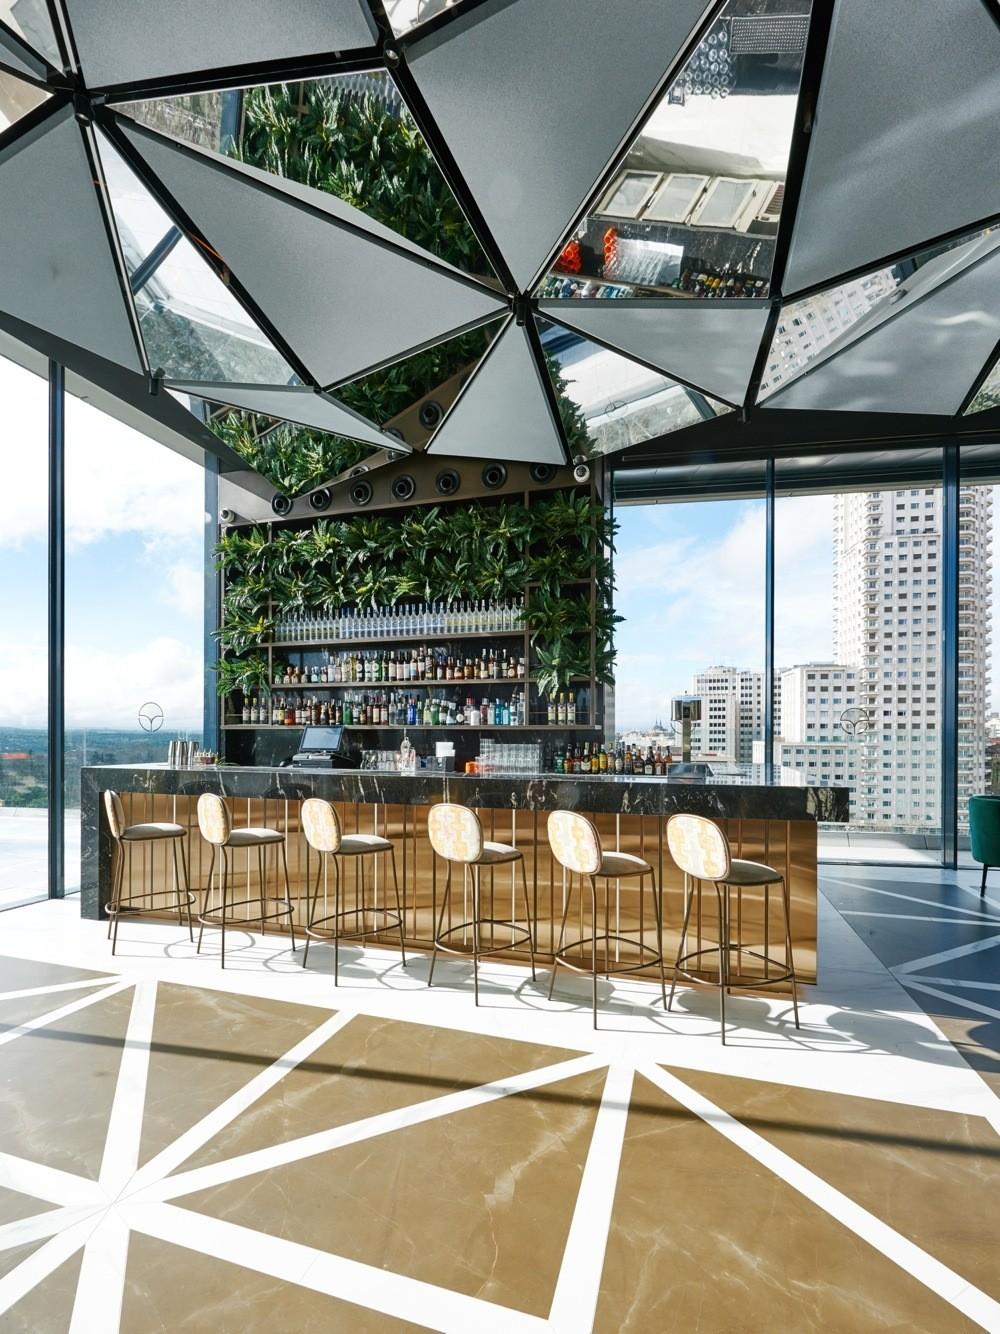 Ginkgo Sky Bar La Nueva Terraza De Moda En Madrid Loff It